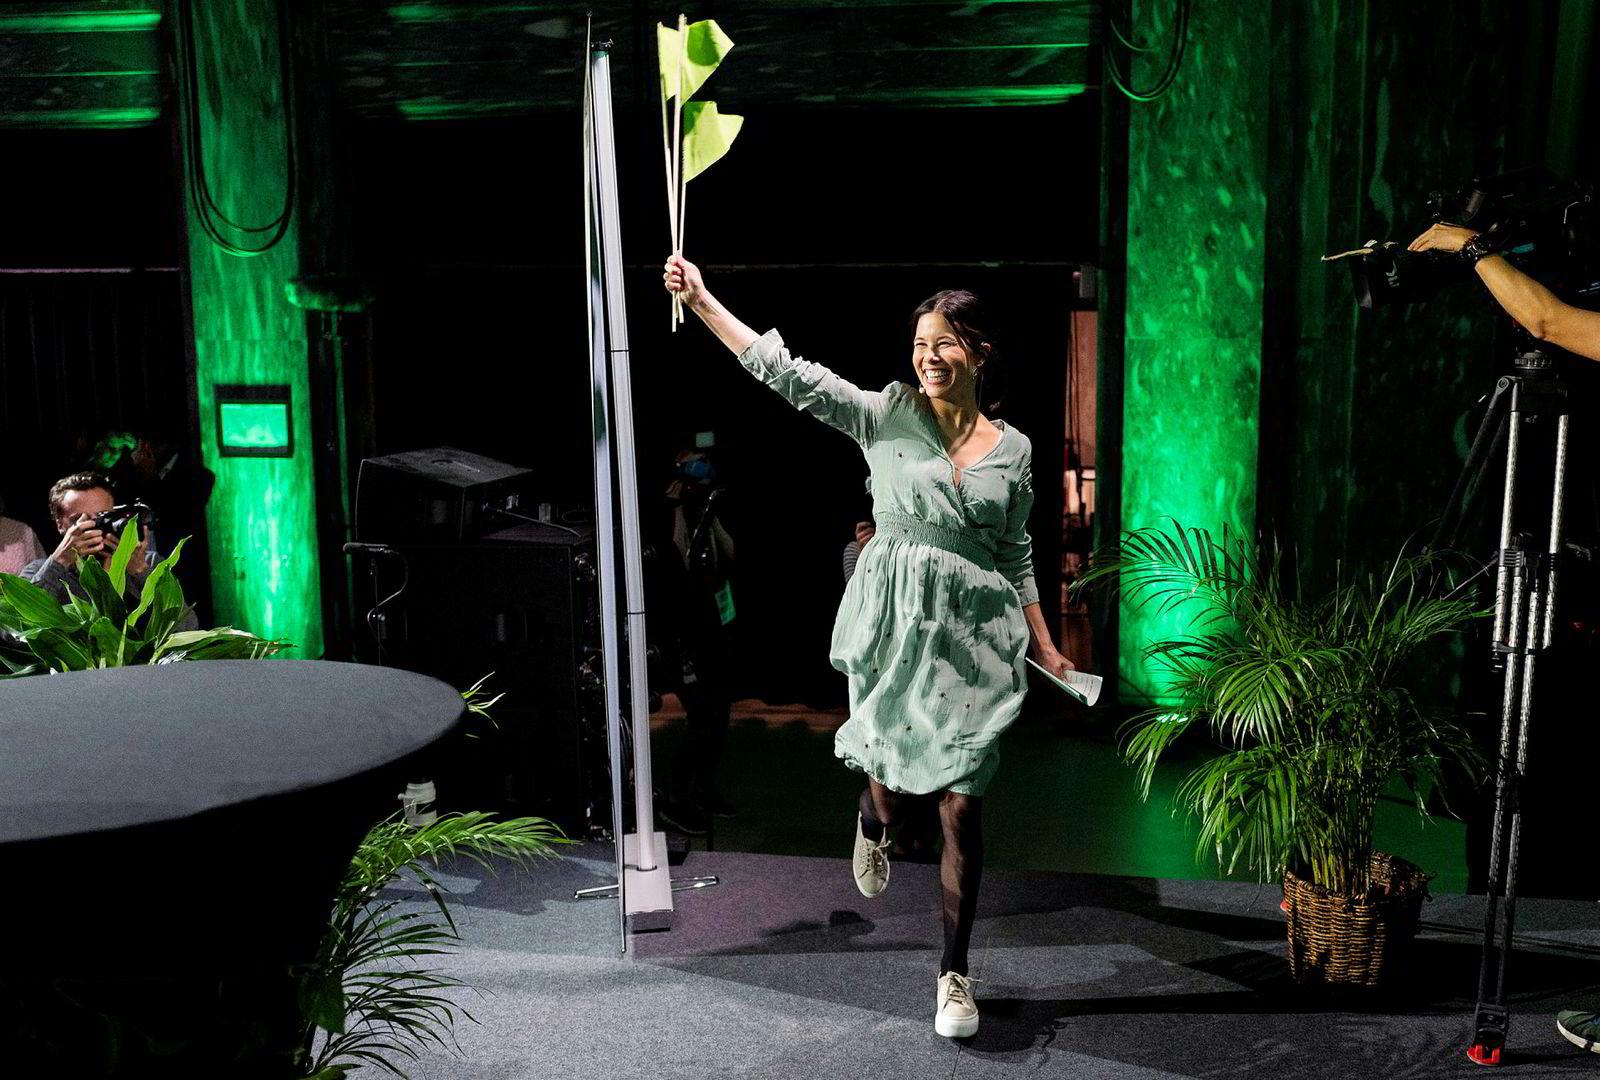 Byråd Lan Marie Nguyen Berg jublet etter mandagens brakvalg i Oslo.